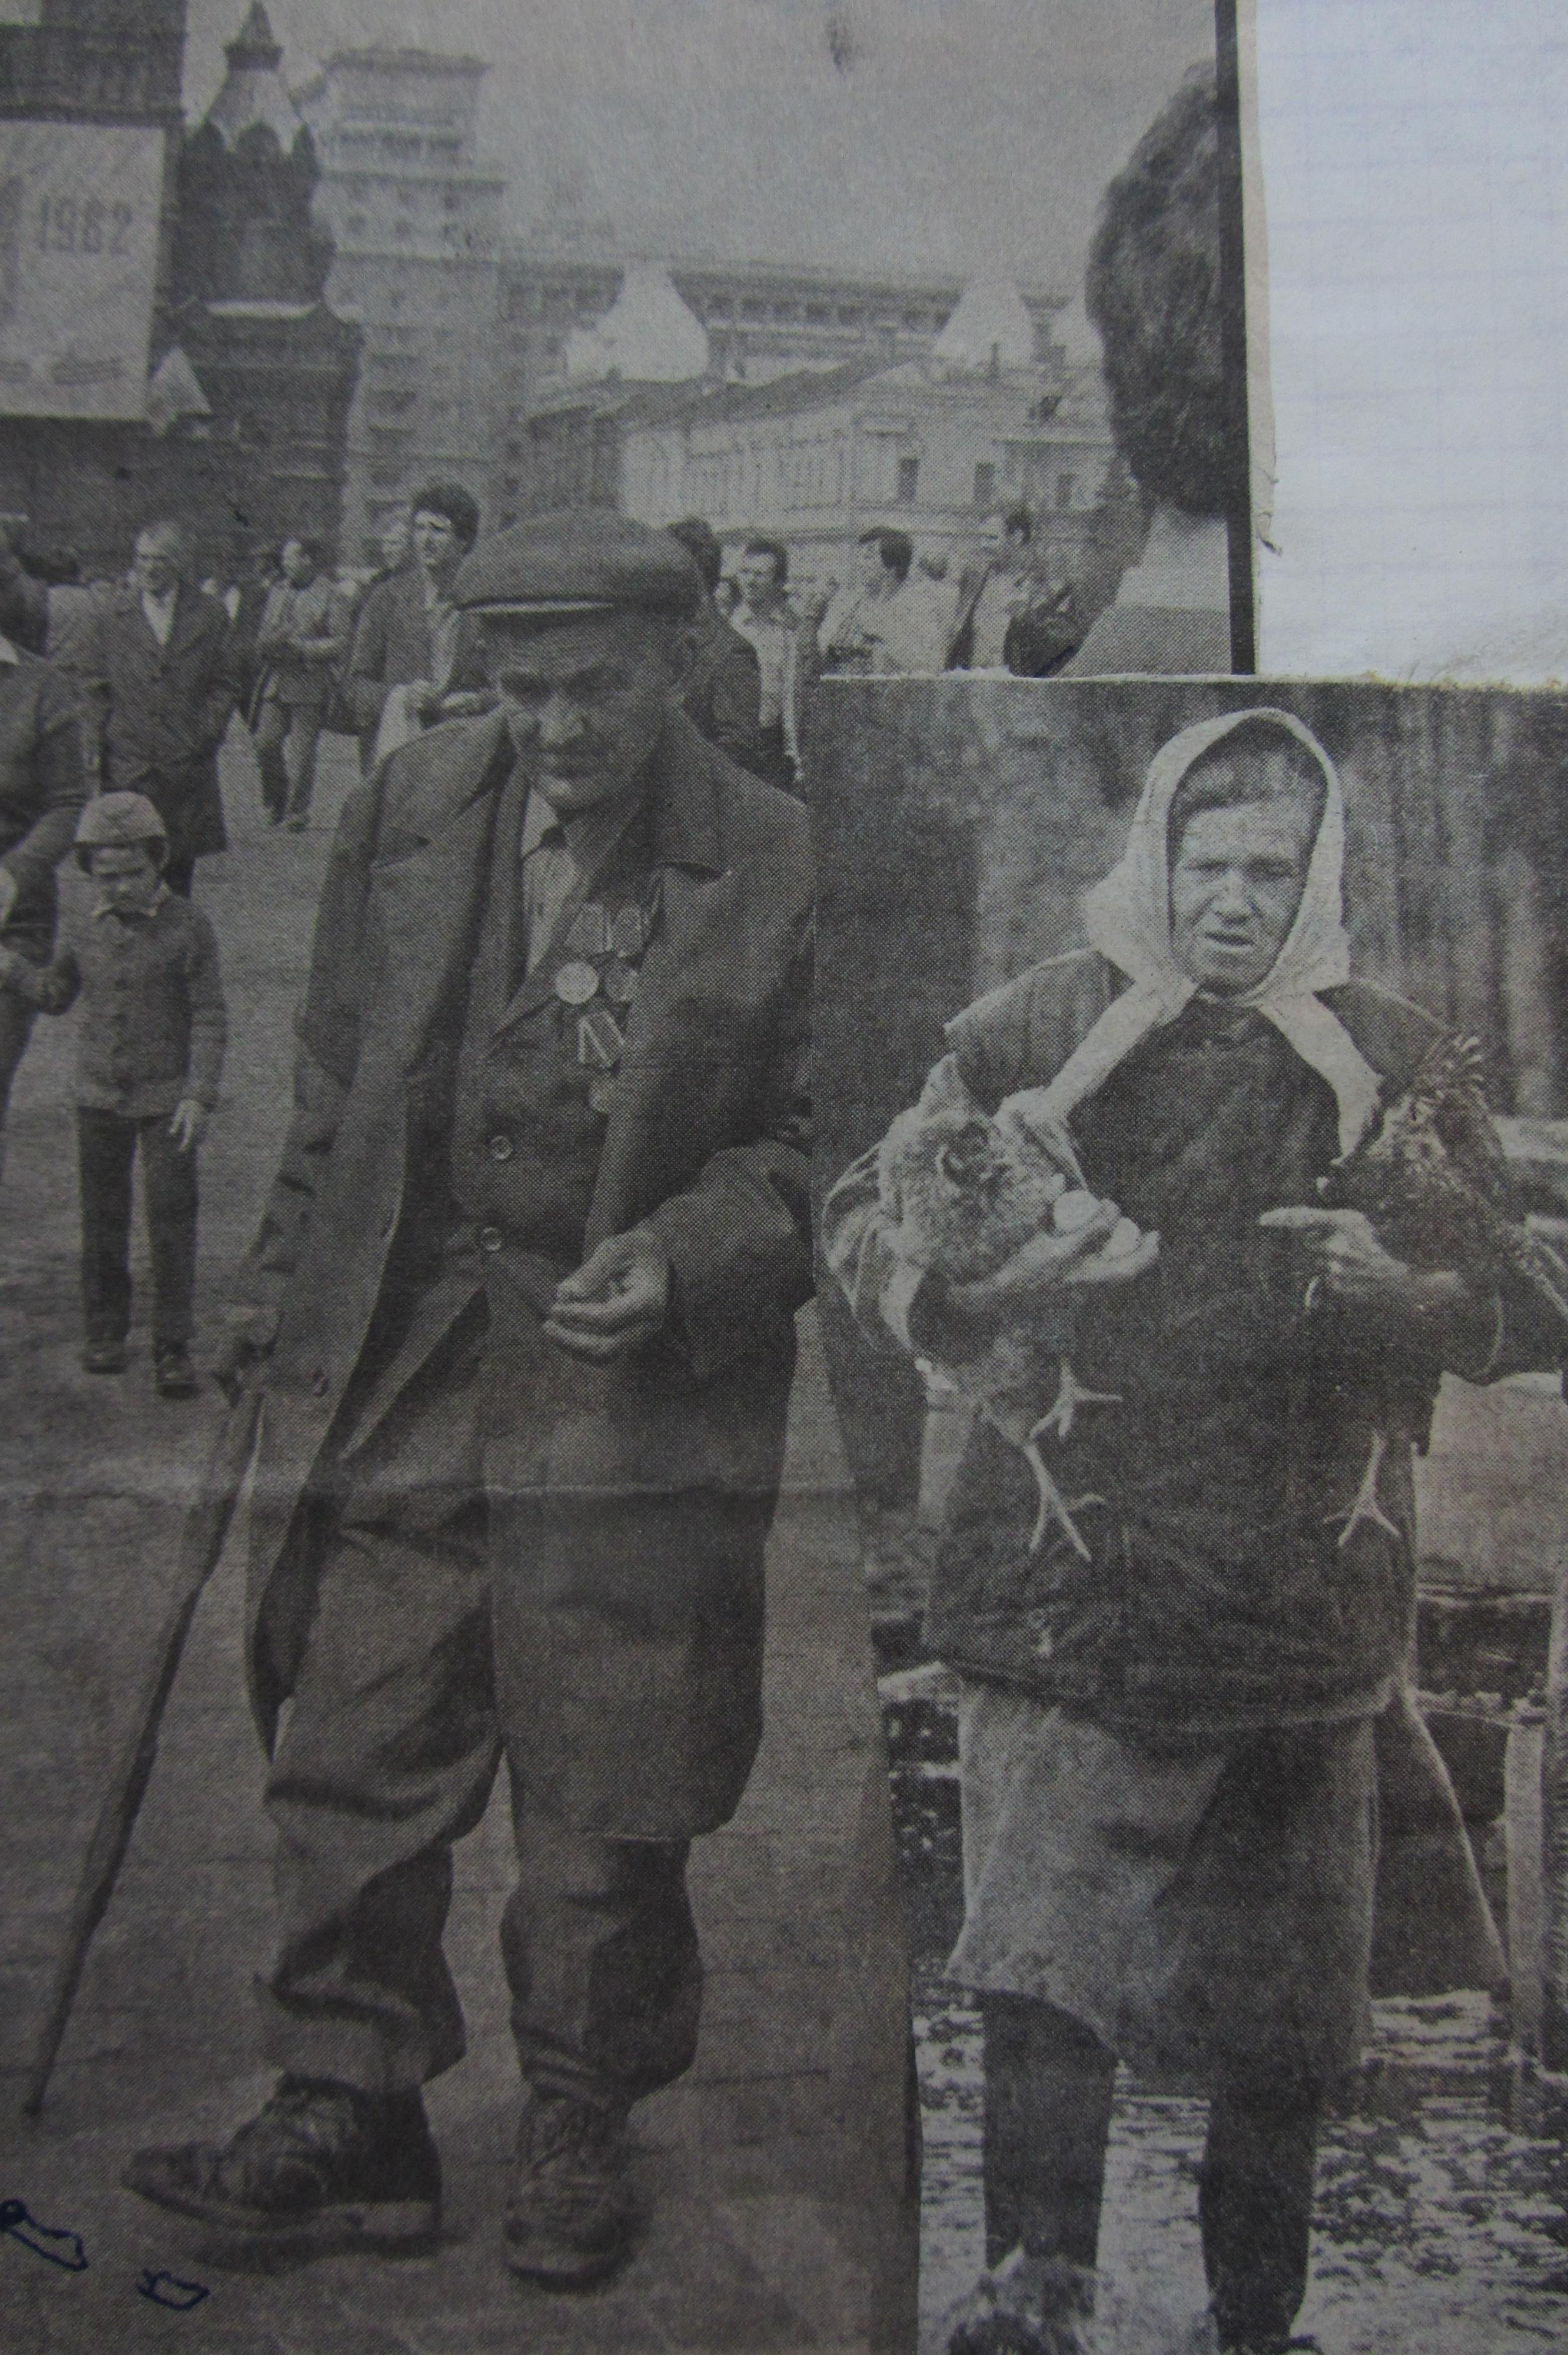 Горбачёвская перестройка. 1990 -ые годы. Из архива Валерия Кульченко